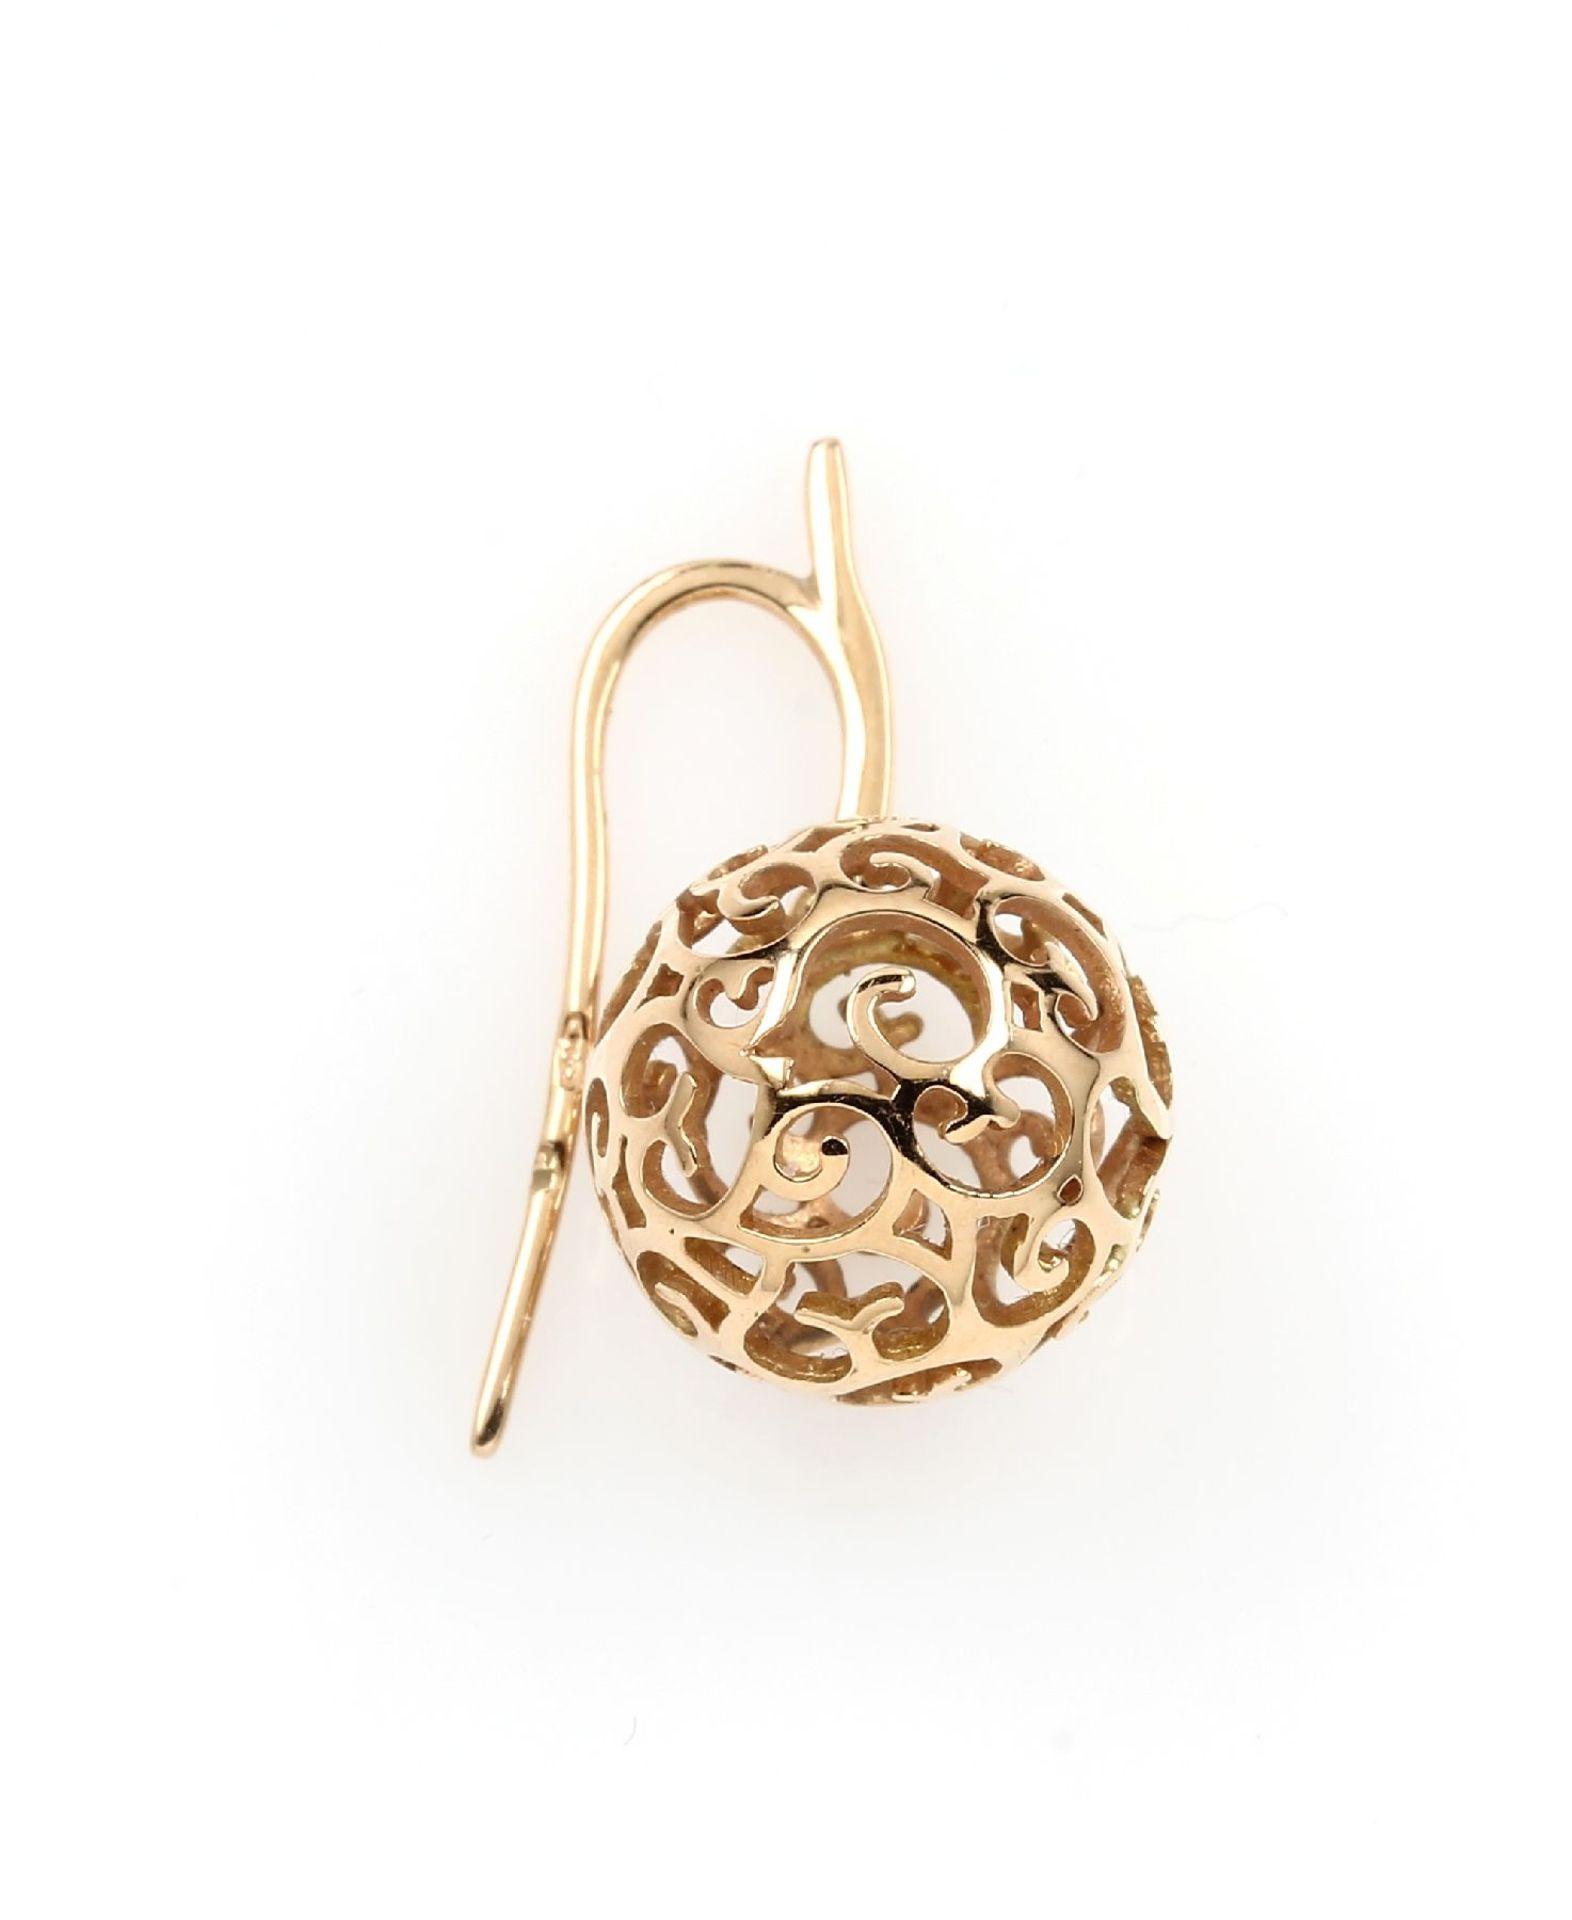 Paar 18 kt Gold BUCHERER Ohrhänger, RoseG 750/000, ausgefallenes Design, Kugelabhängungen mit - Bild 2 aus 2